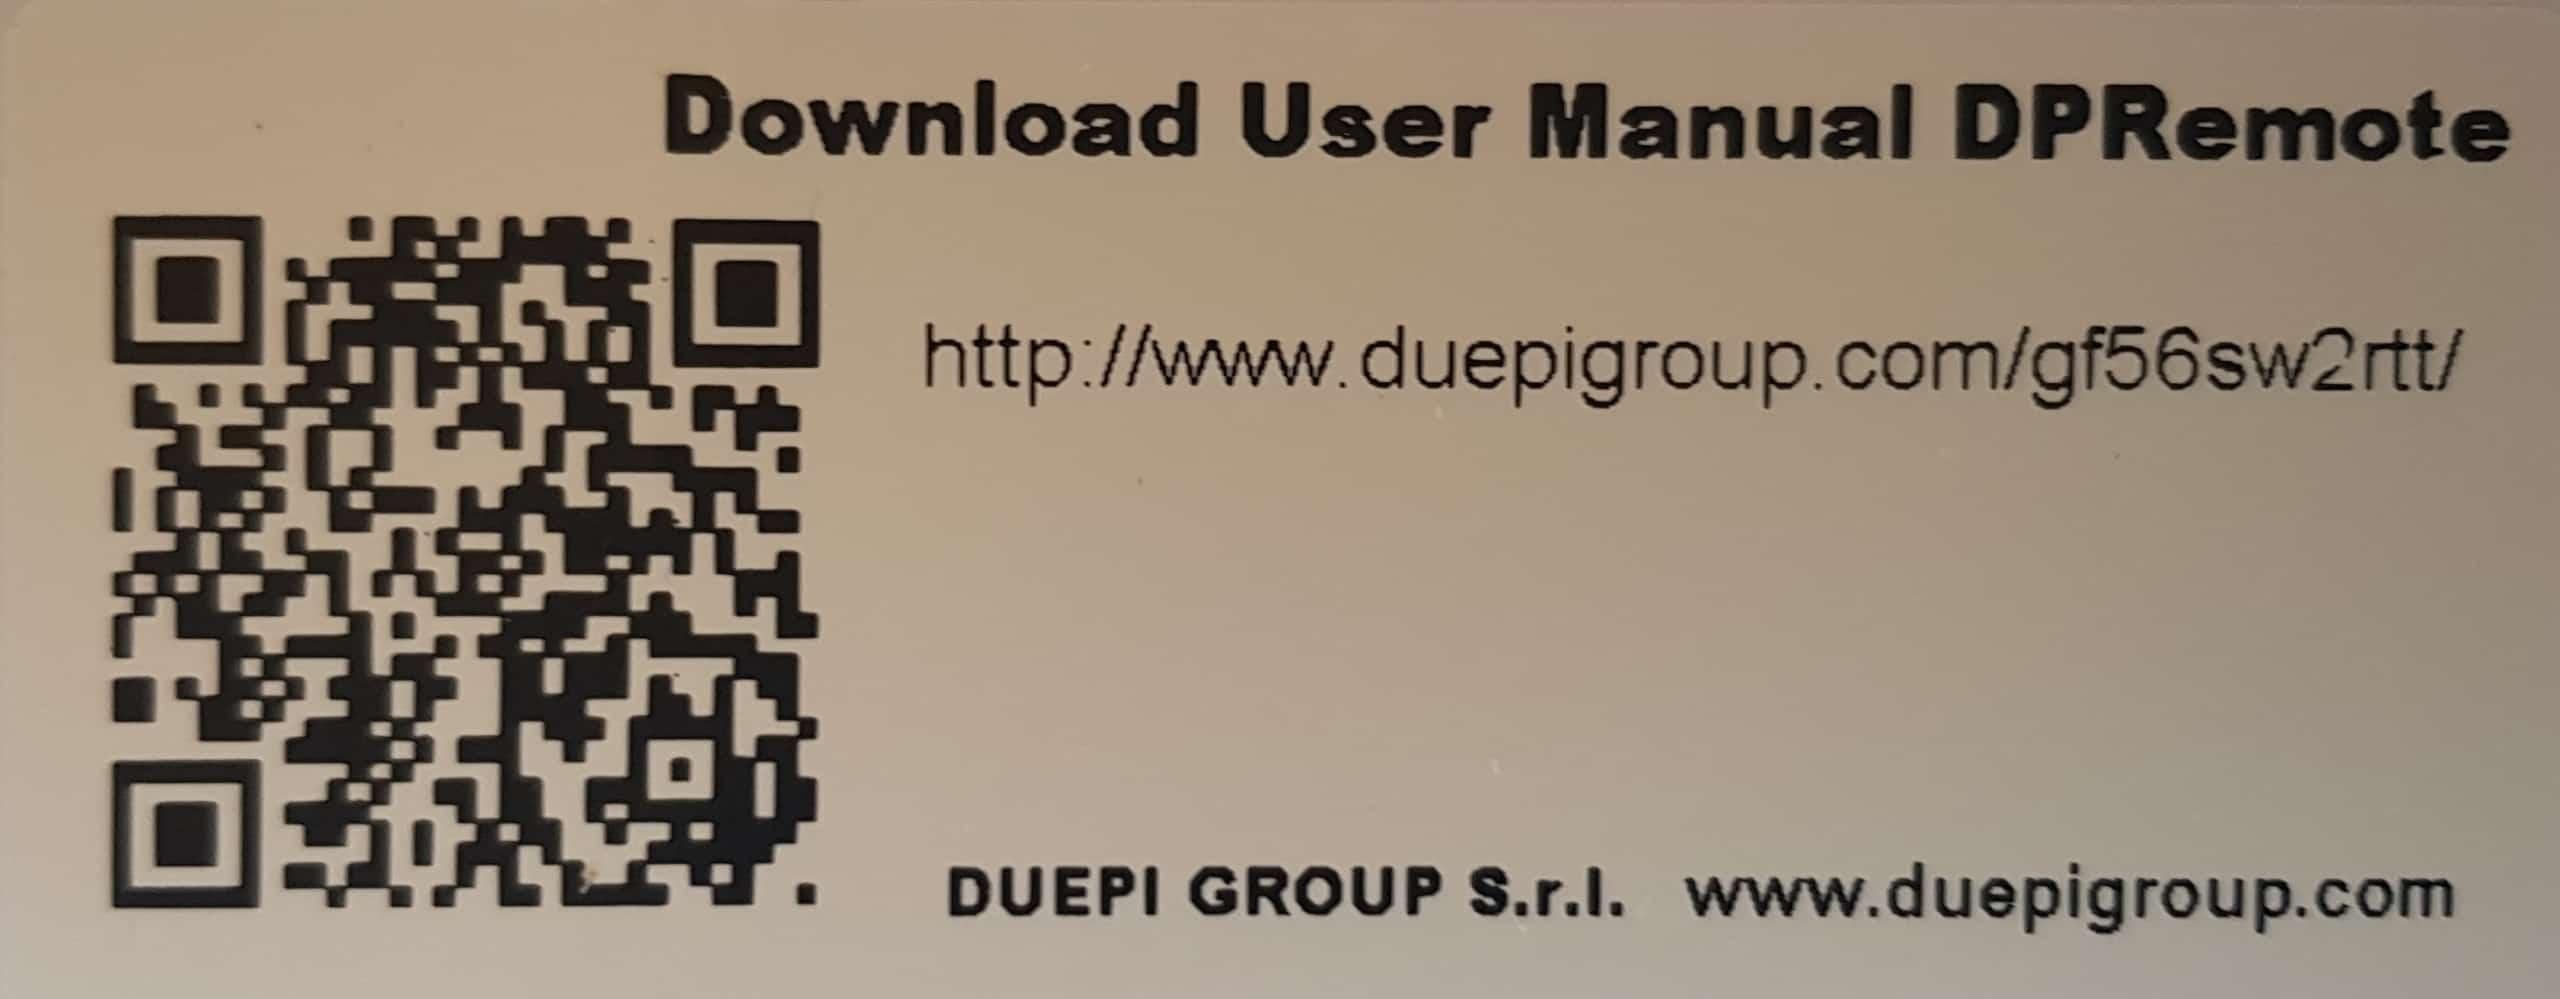 Интернет термостат WI-FI BOX DpRemote